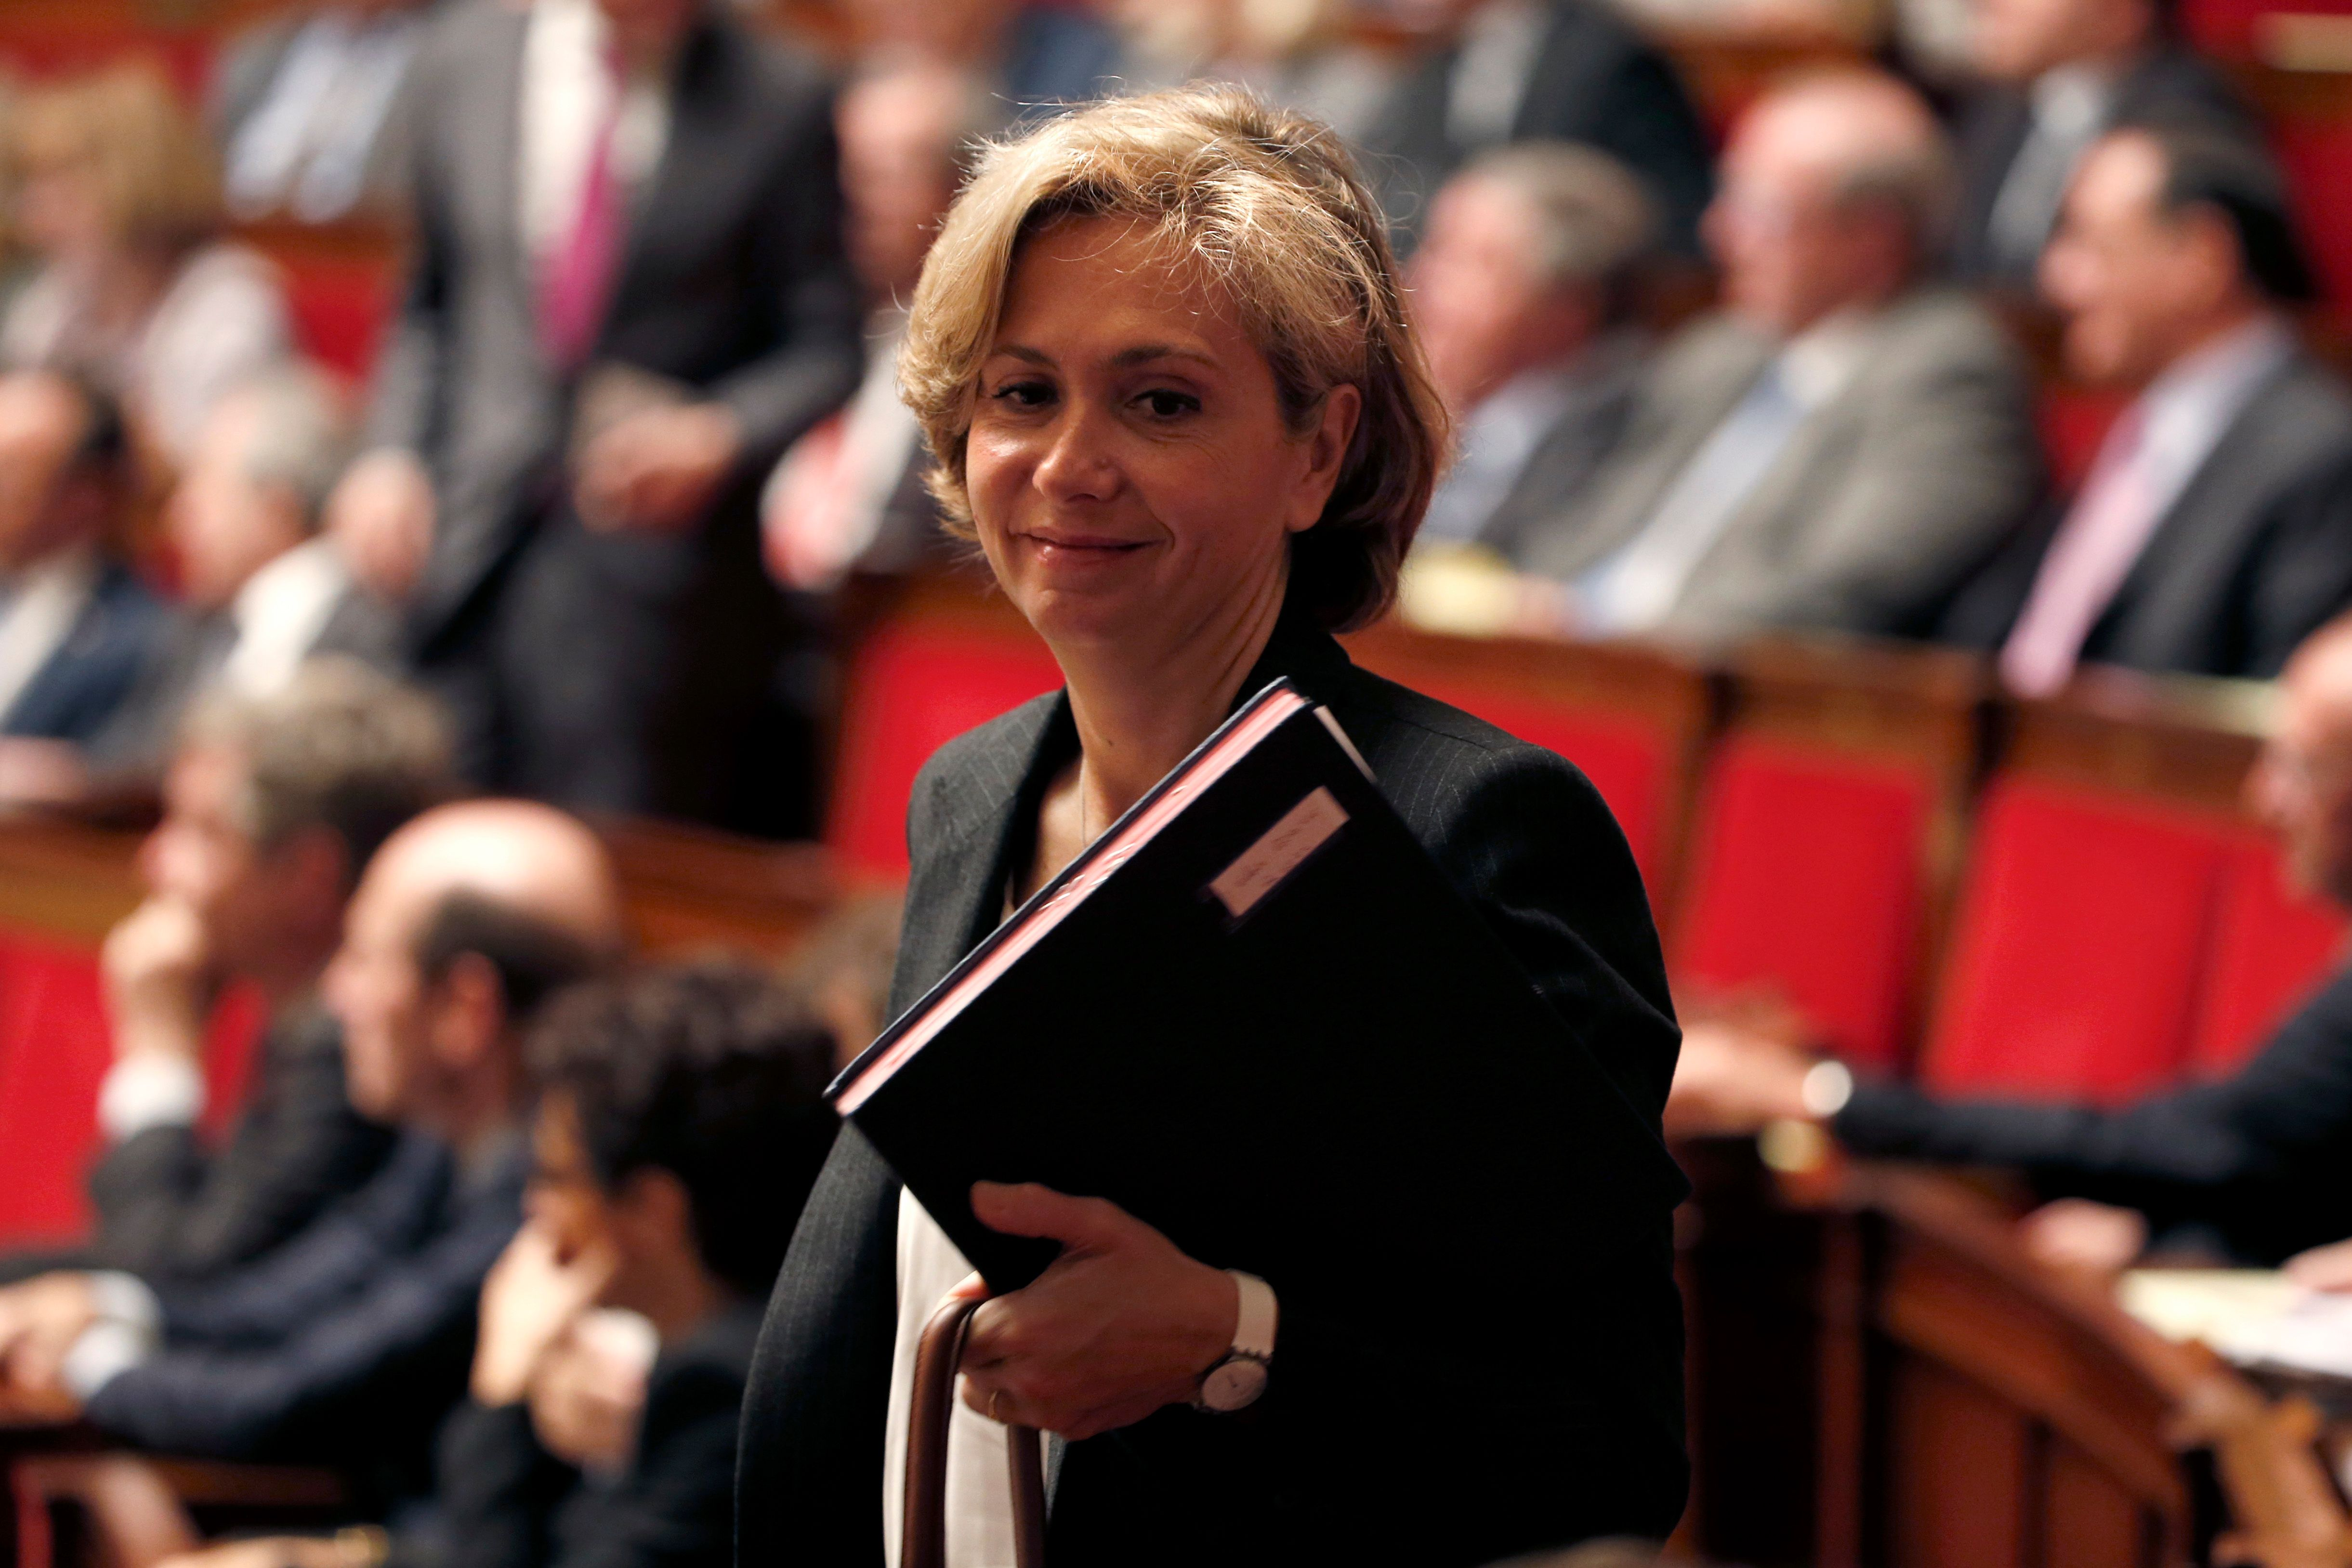 Le conseil régional d'Ile-de-France va quitter Paris pour la ville de Saint-Ouen